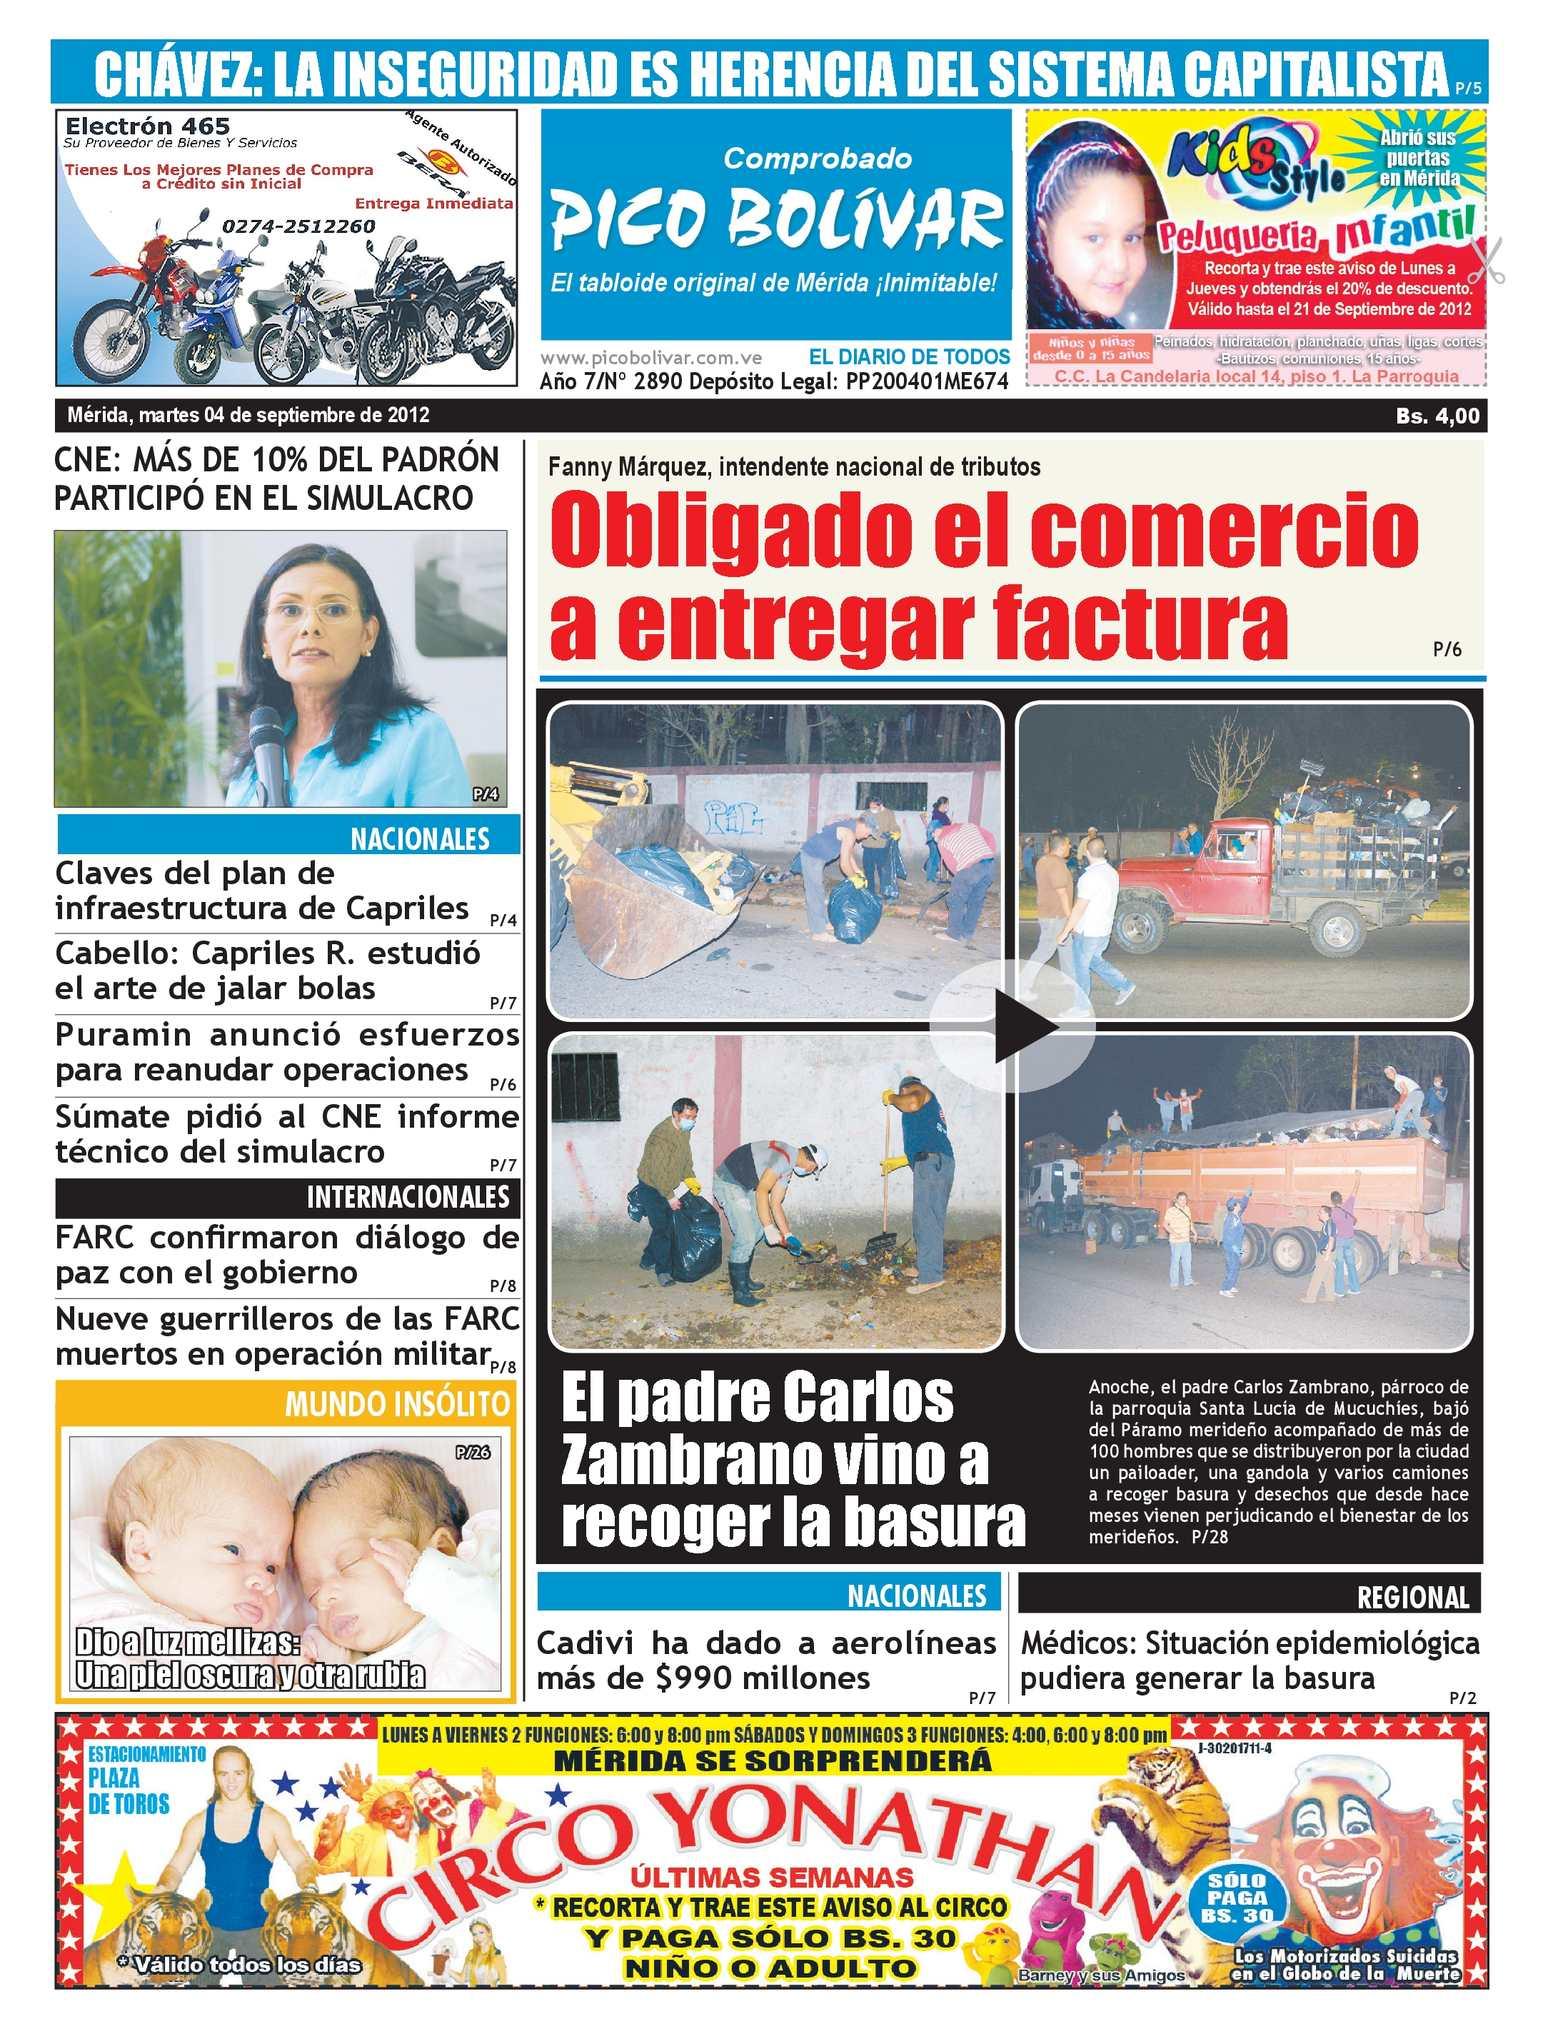 Lucia Cd En La Intimidad Se Ofrece A Mamada A Pelo Asta El Final 7979